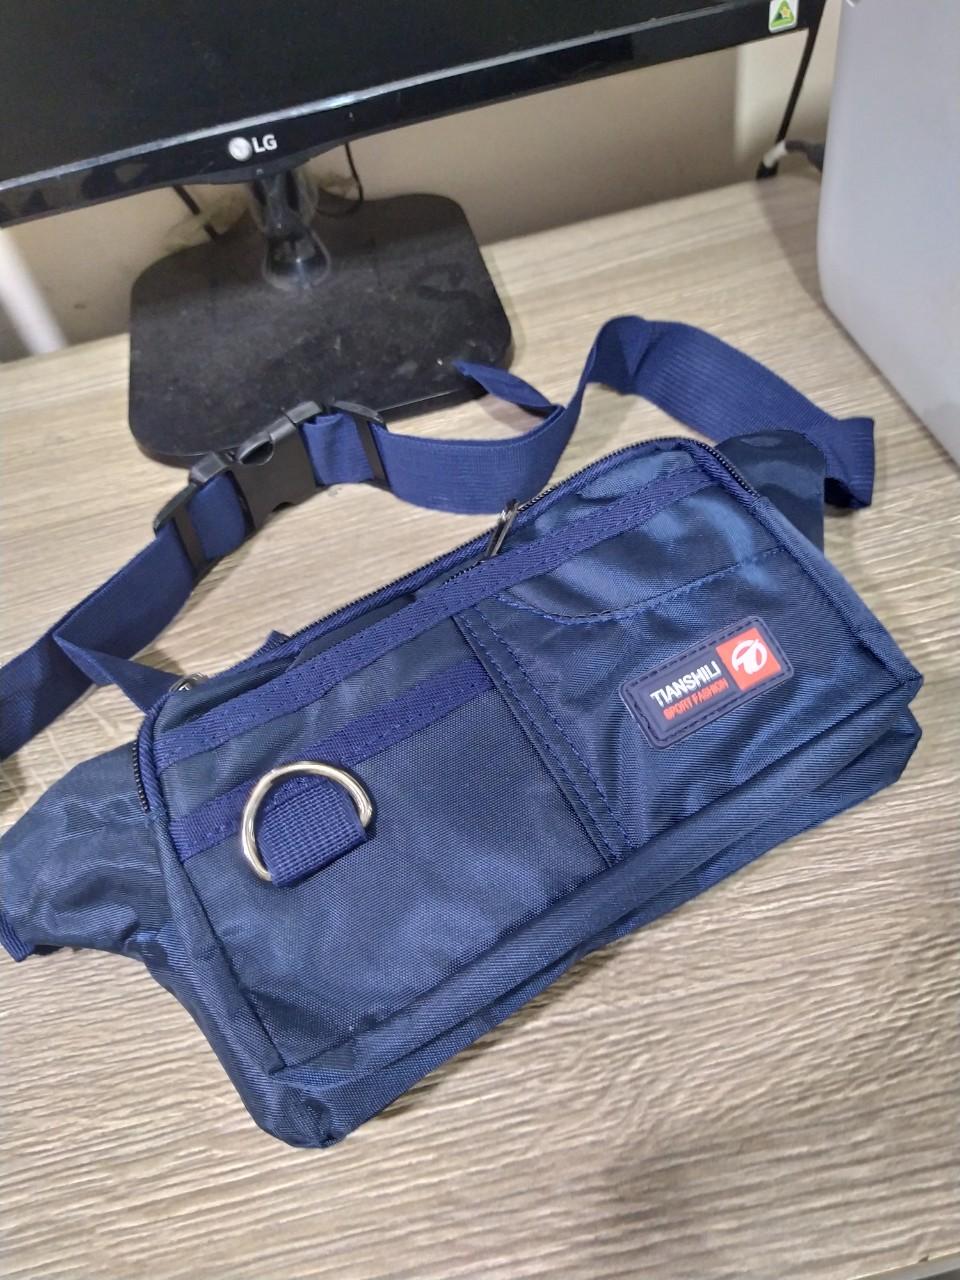 Túi đeo chéo bao tử Shilie thời trang cao cấp siêu bền KMS2 Shalla(túi đeo chéo bao tử shilie nguồn sỉ)